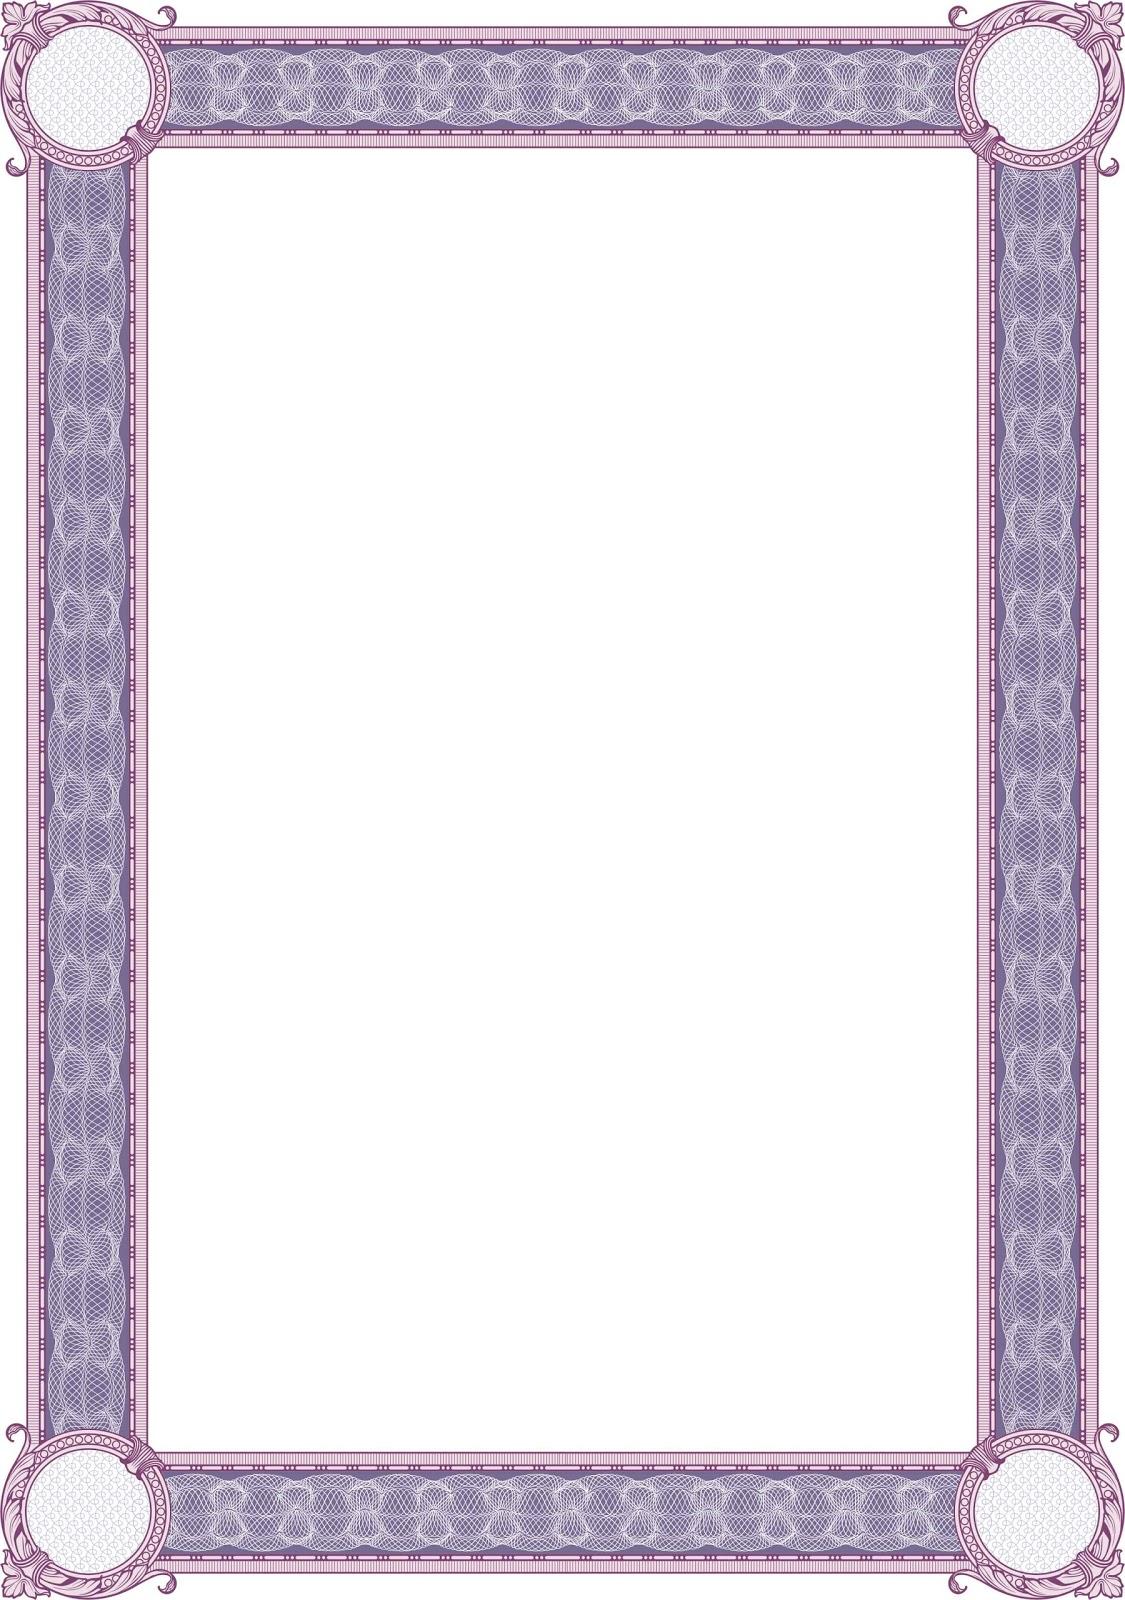 bingkai border piagam vector 3 banua sablon banua sablon